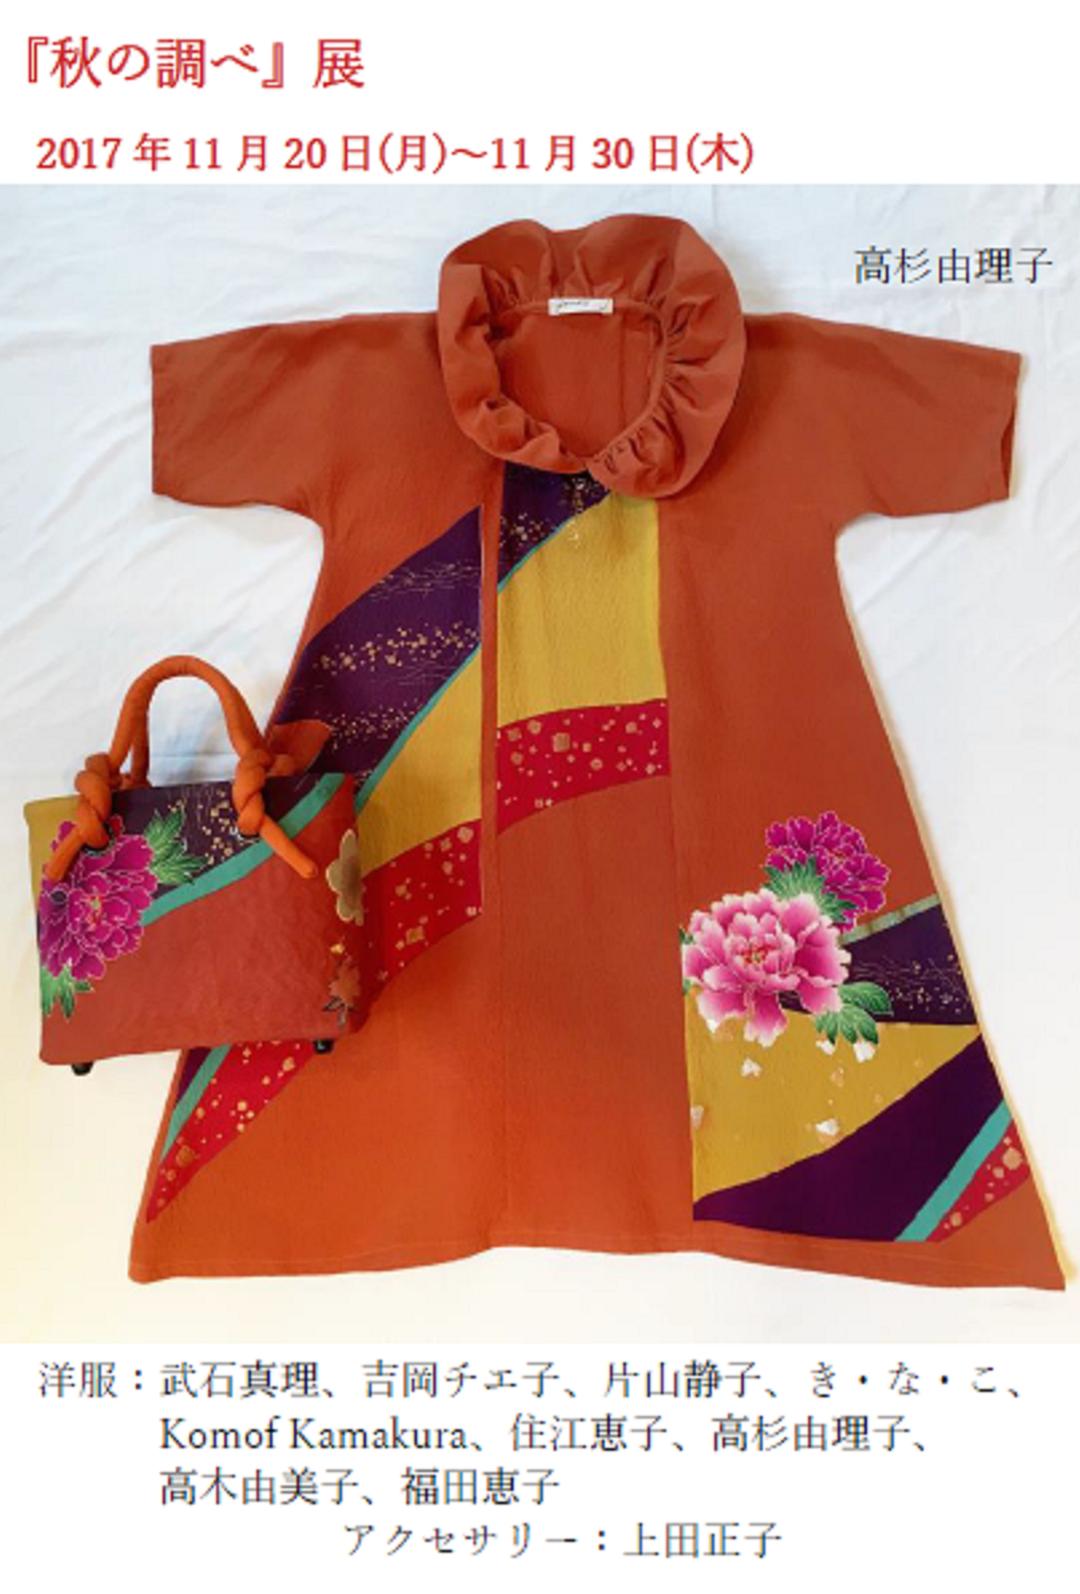 11月は千葉でのイベントが二つ。あったかお洋服お届けします。